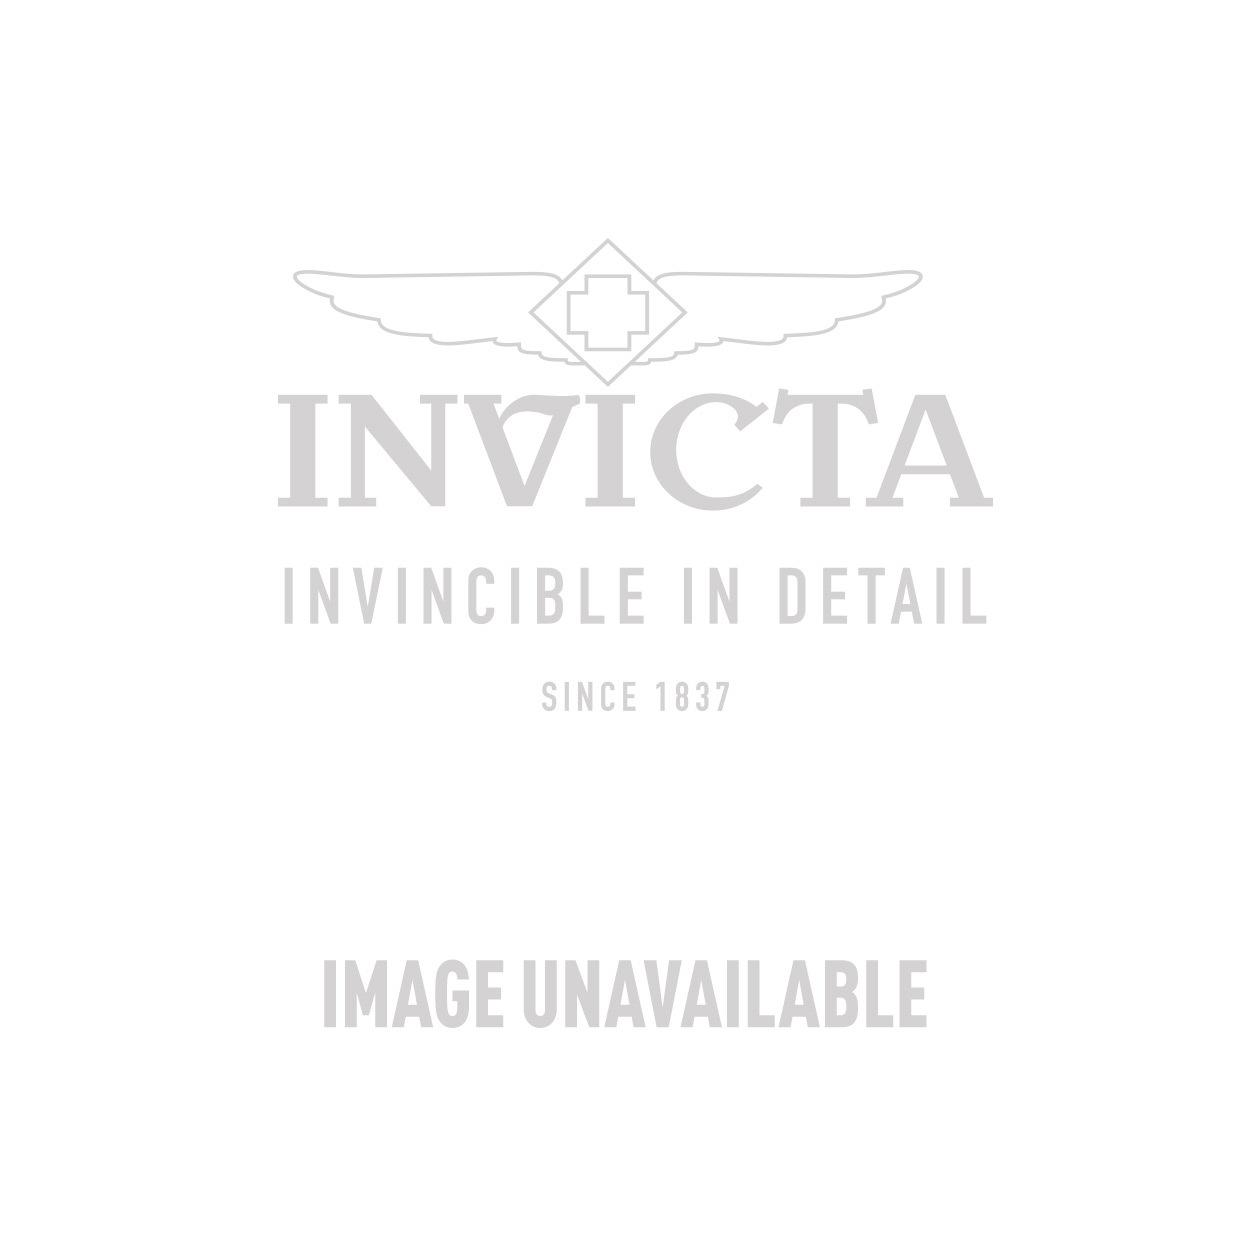 Invicta Subaqua Mens Quartz 55.45mm Gold, Stainless Steel Case Blue Dial - Model 26726